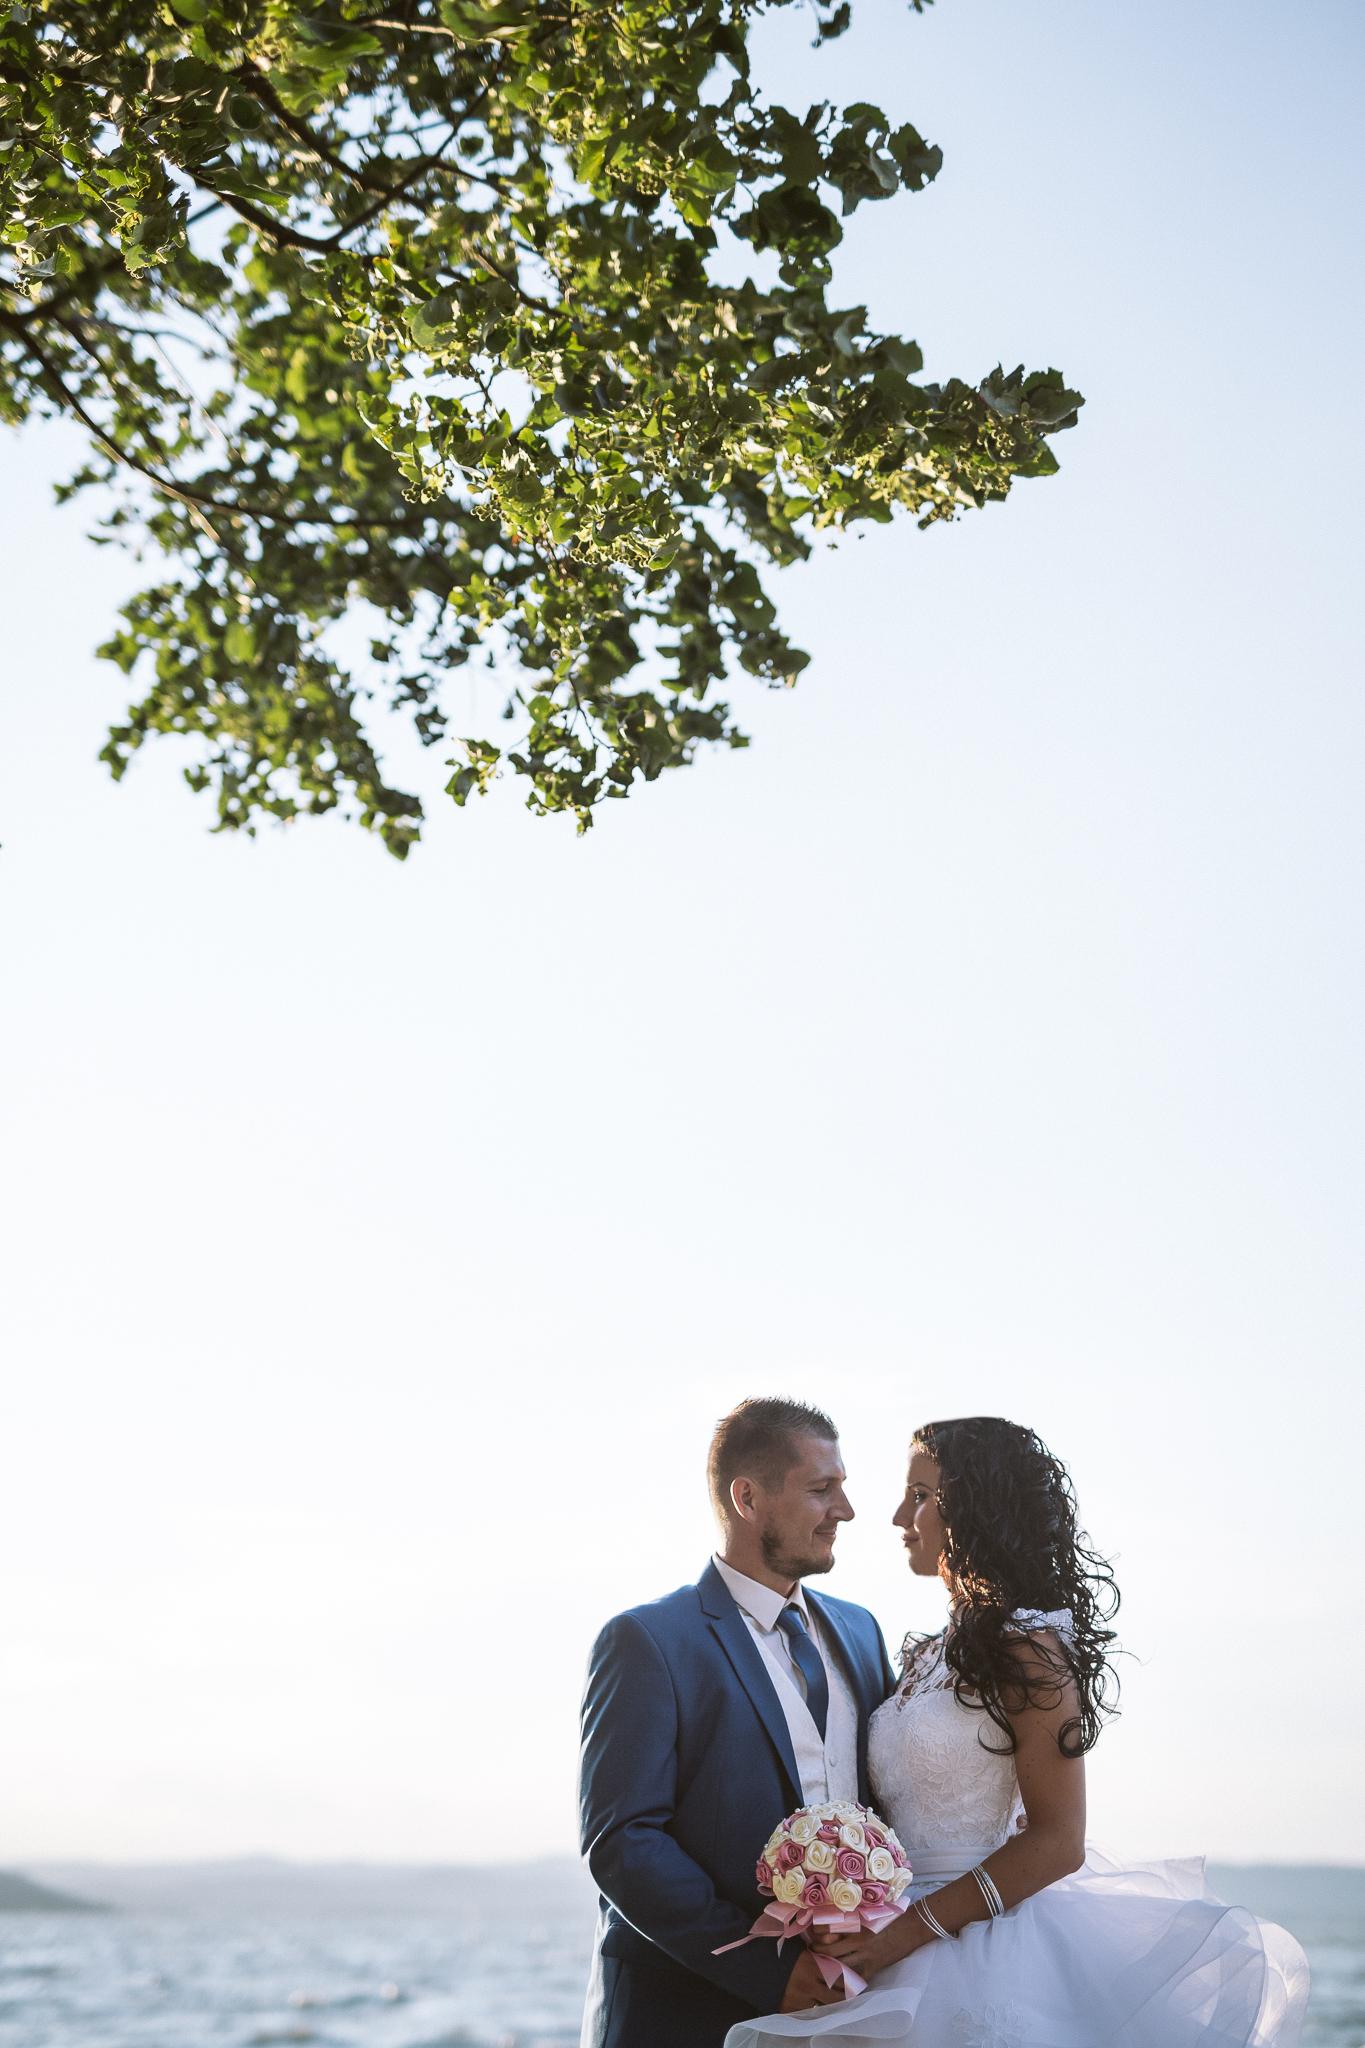 FylepPhoto, esküvőfotózás, magyarország, esküvői fotós, vasmegye, prémium, jegyesfotózás, Fülöp Péter, körmend, kreatív 8.jpg